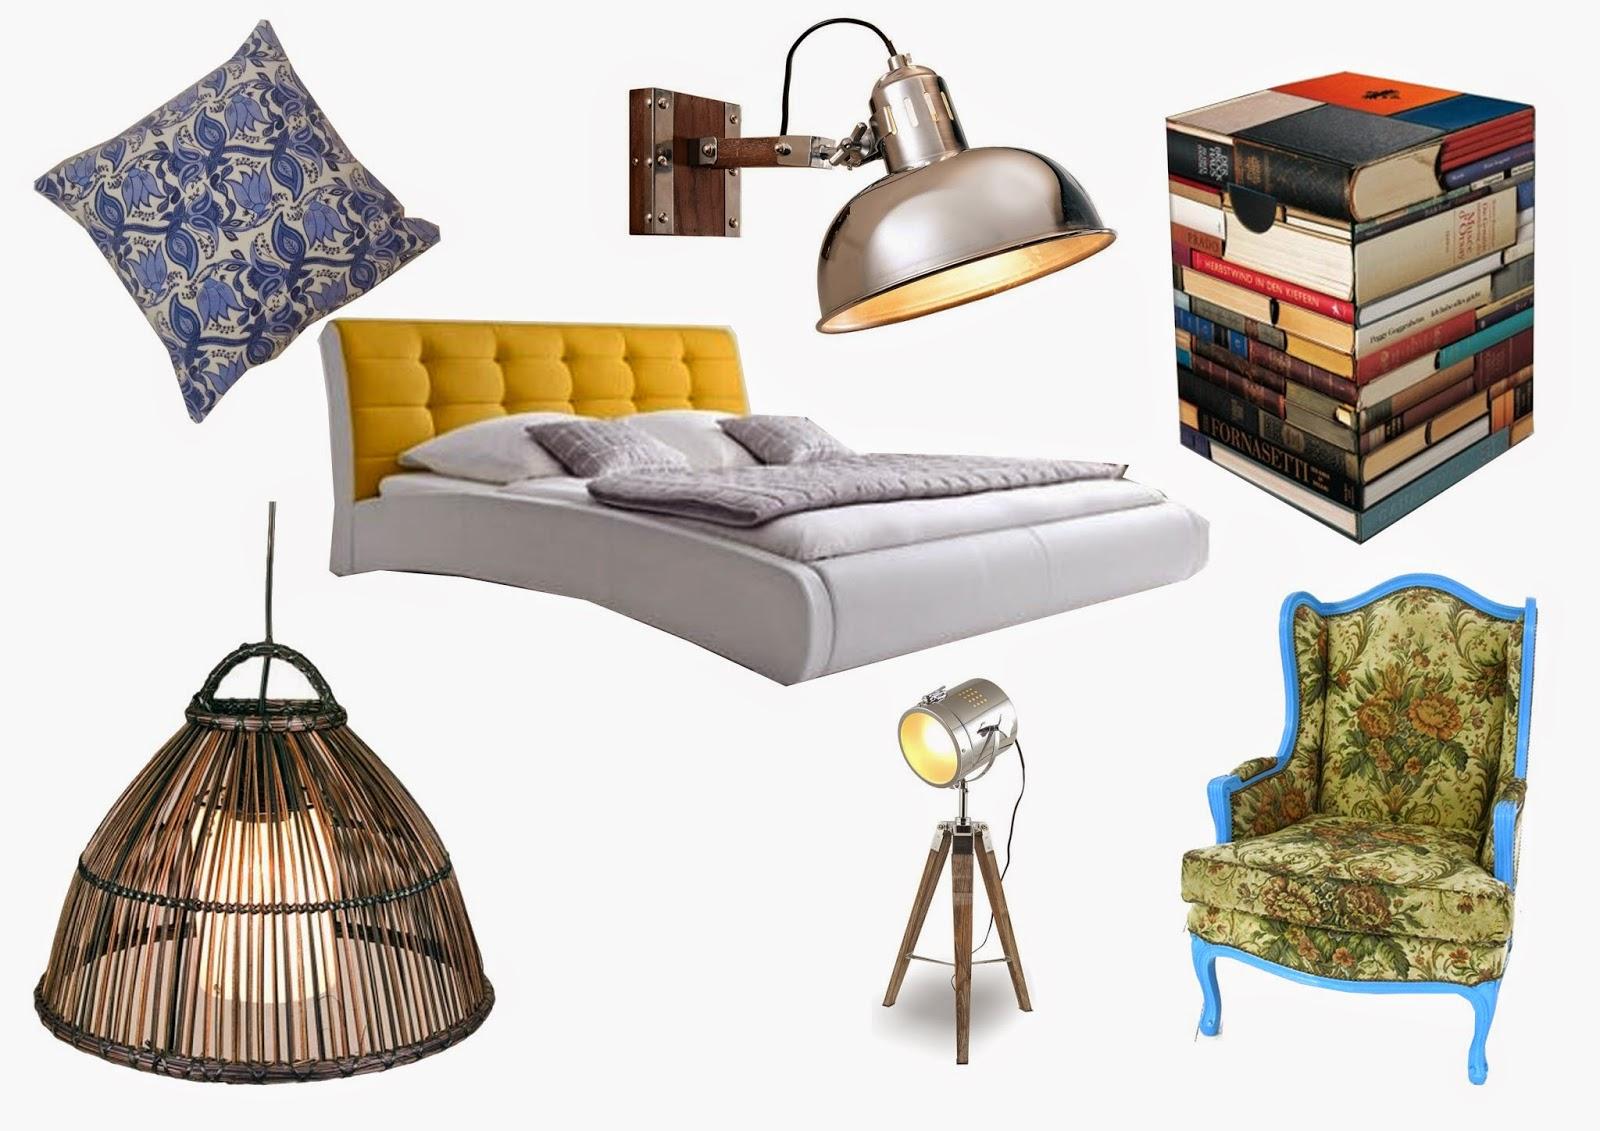 la reines blog: gemütliches schlafzimmer einrichten - tolle, Schlafzimmer entwurf